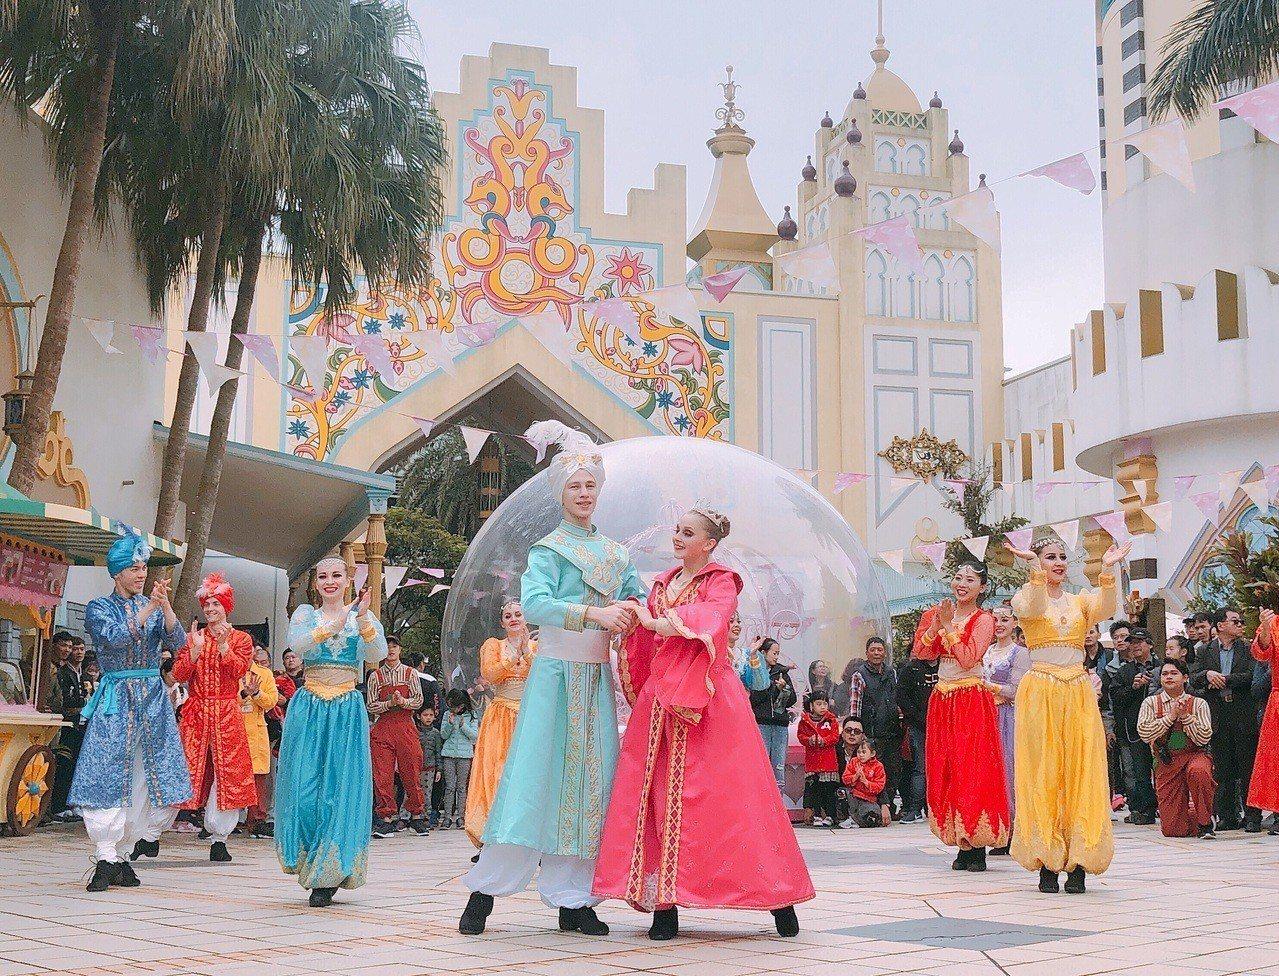 阿拉伯皇宮戶外區特別推出中東快閃秀「幸福的祕密」。圖/六福村提供